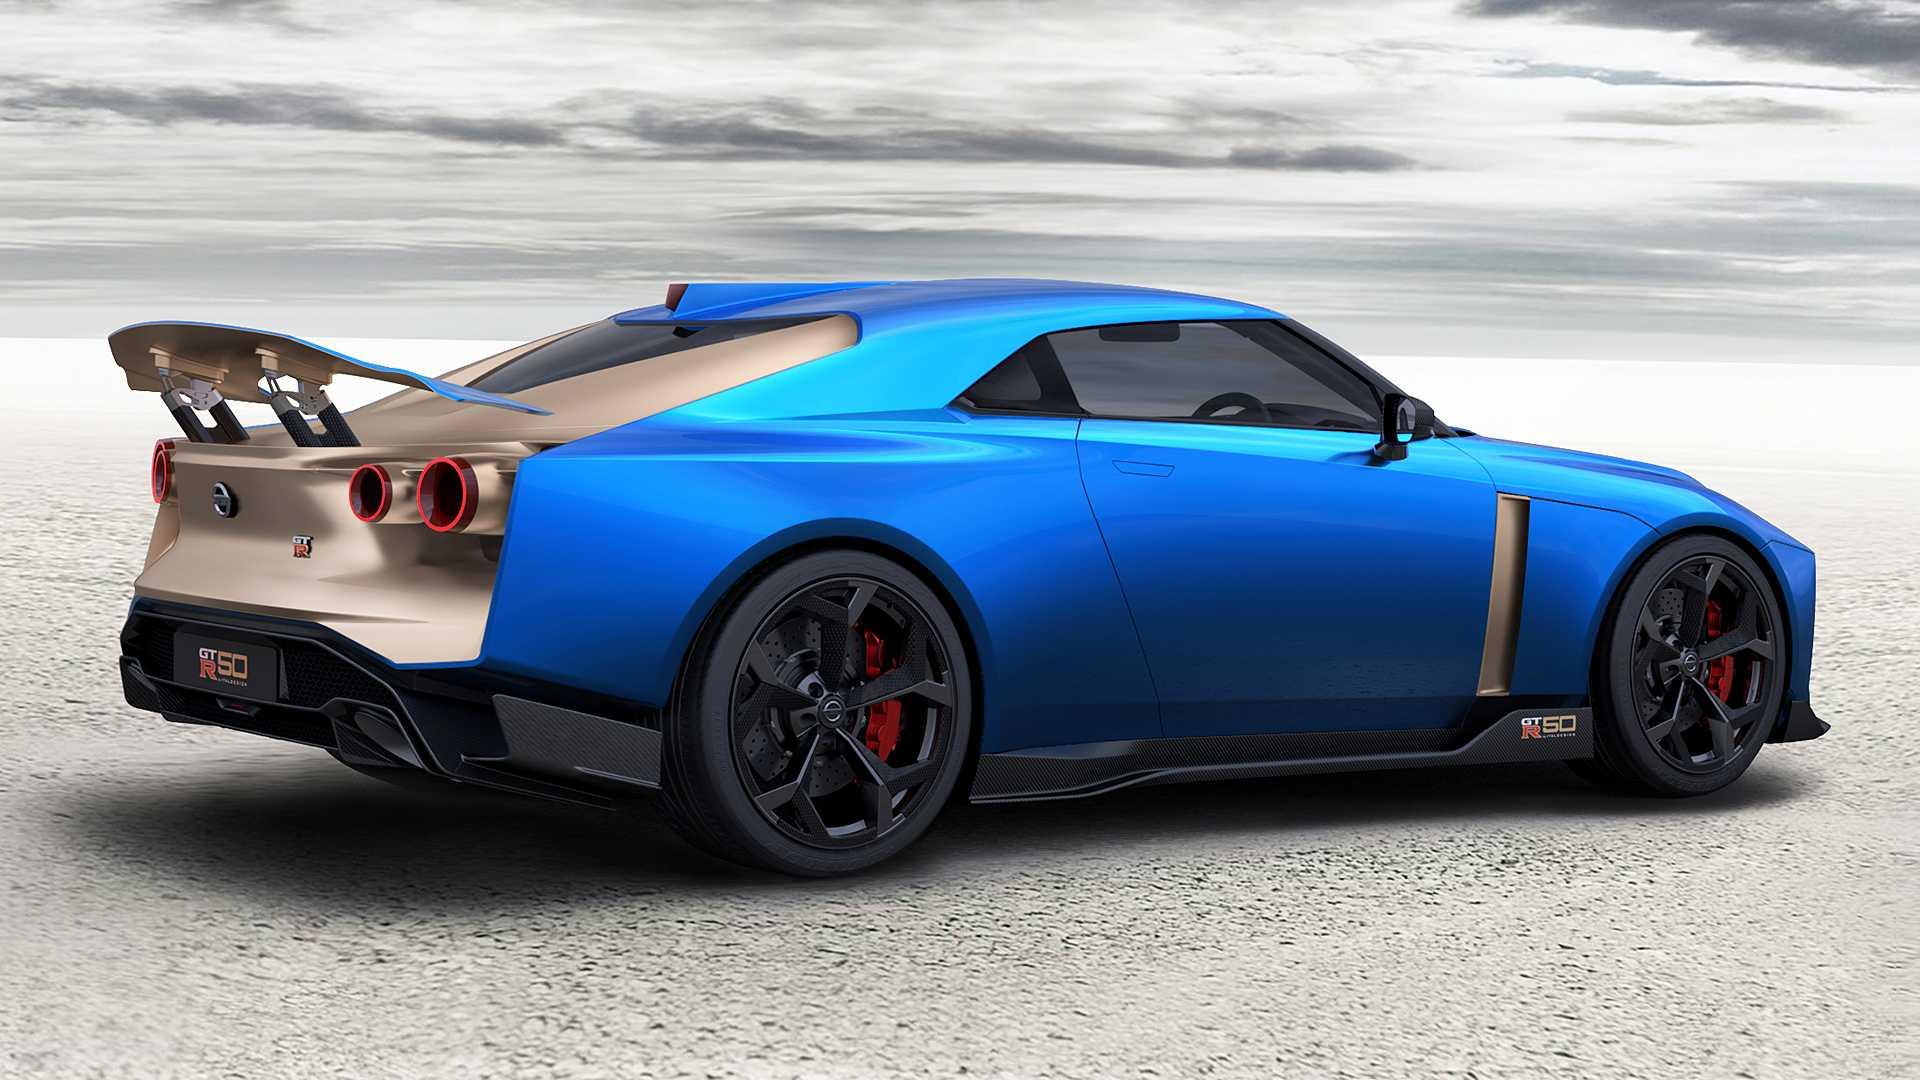 Nissan выпустит ураганный лимитированный суперкар за миллион евро